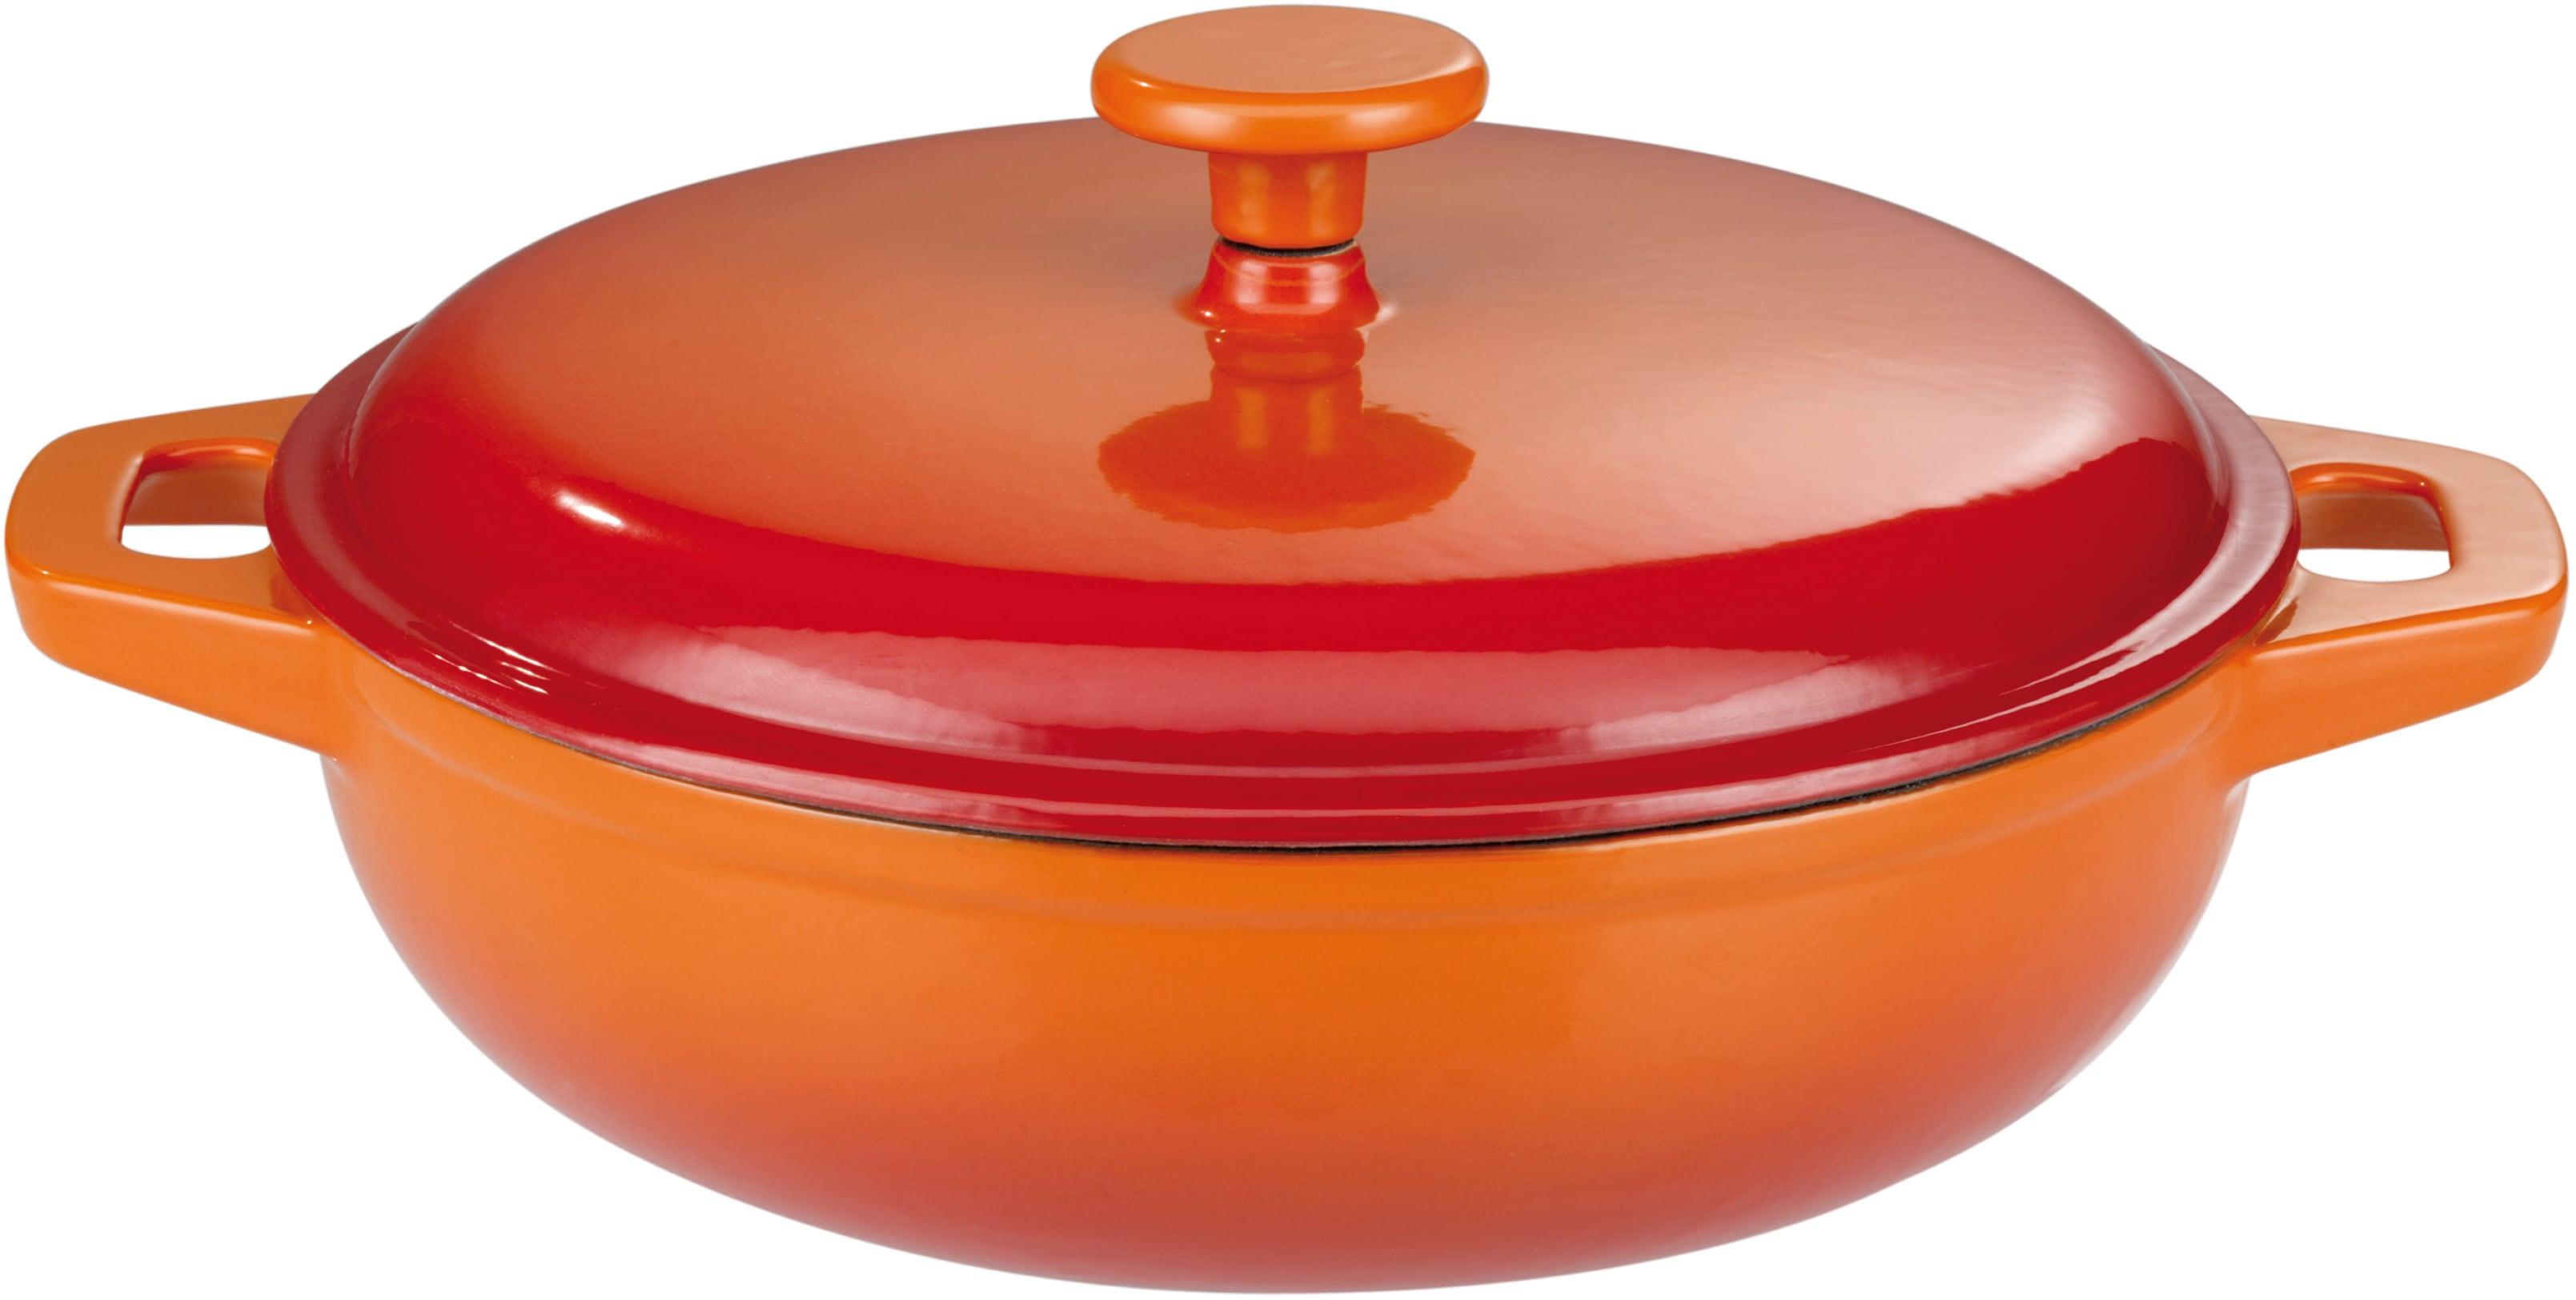 GSW Schmortopf Orange Shadow, Gusseisen, (1 tlg.), Induktion orange Schmortöpfe Töpfe Haushaltswaren